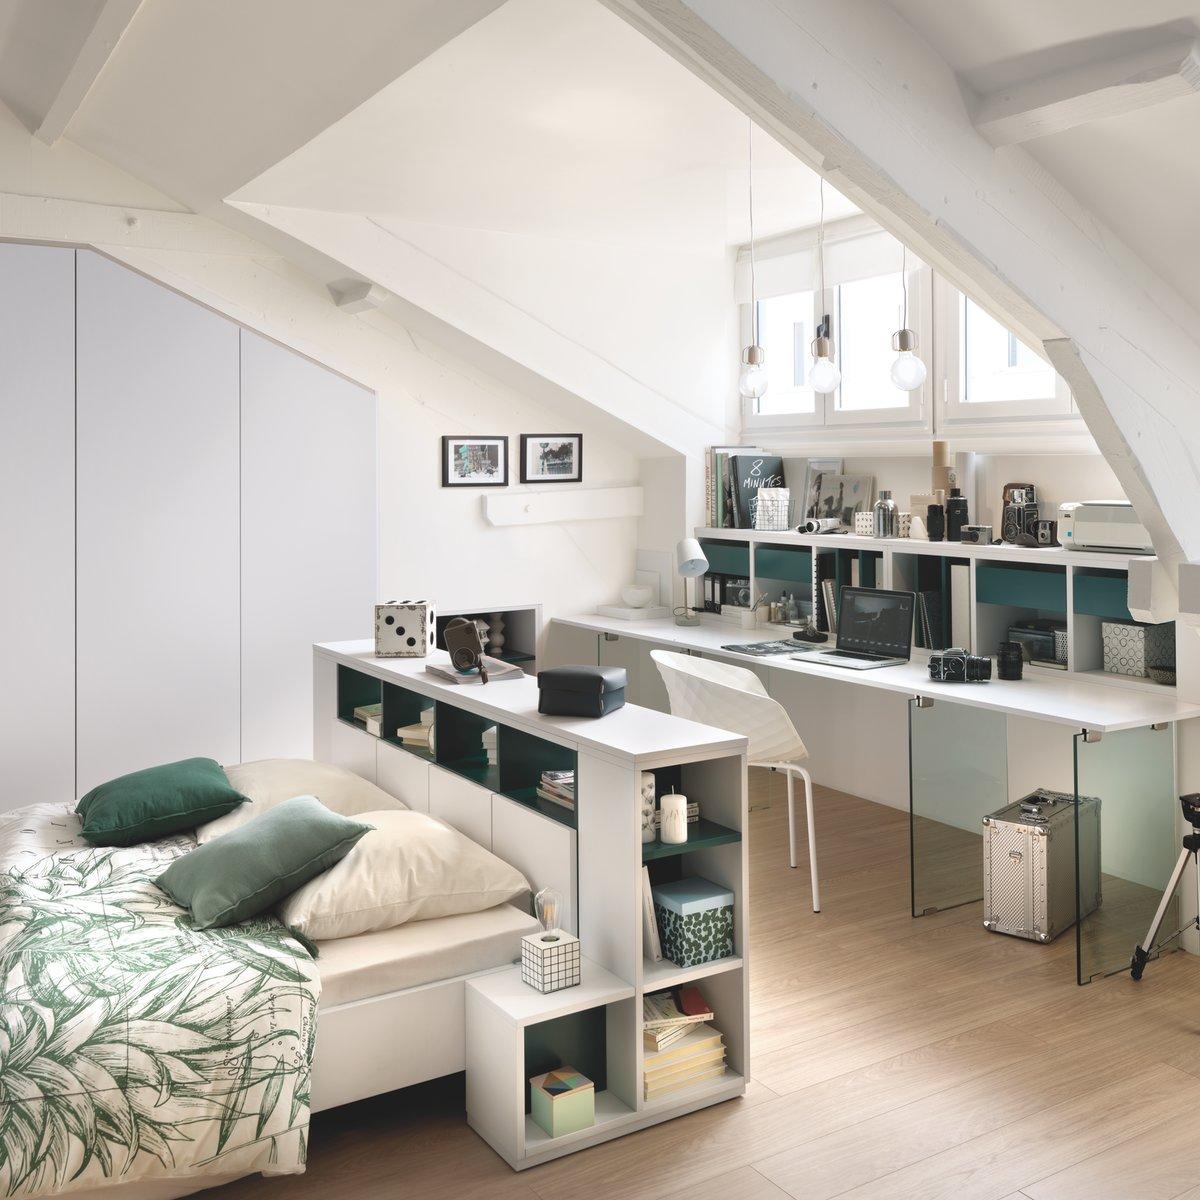 Cette chambre aux teintes pâles inspire douceur.